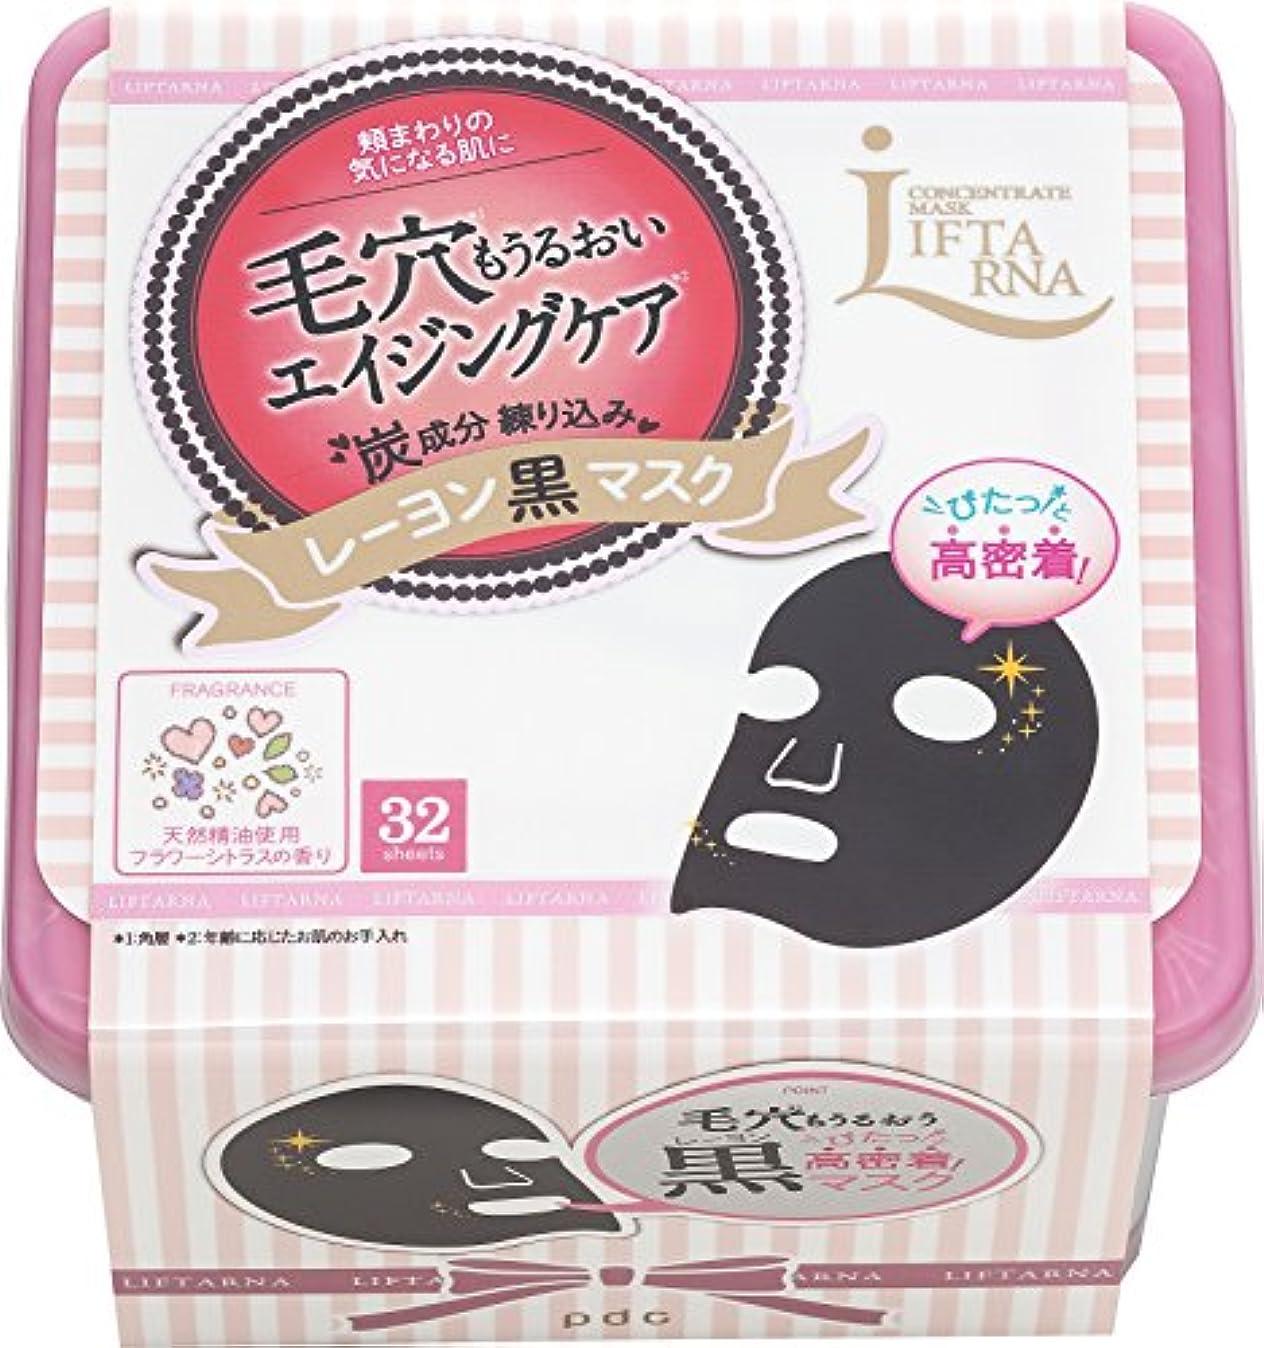 常識ダイヤル愛撫リフターナ コンセントレートマスク 32枚